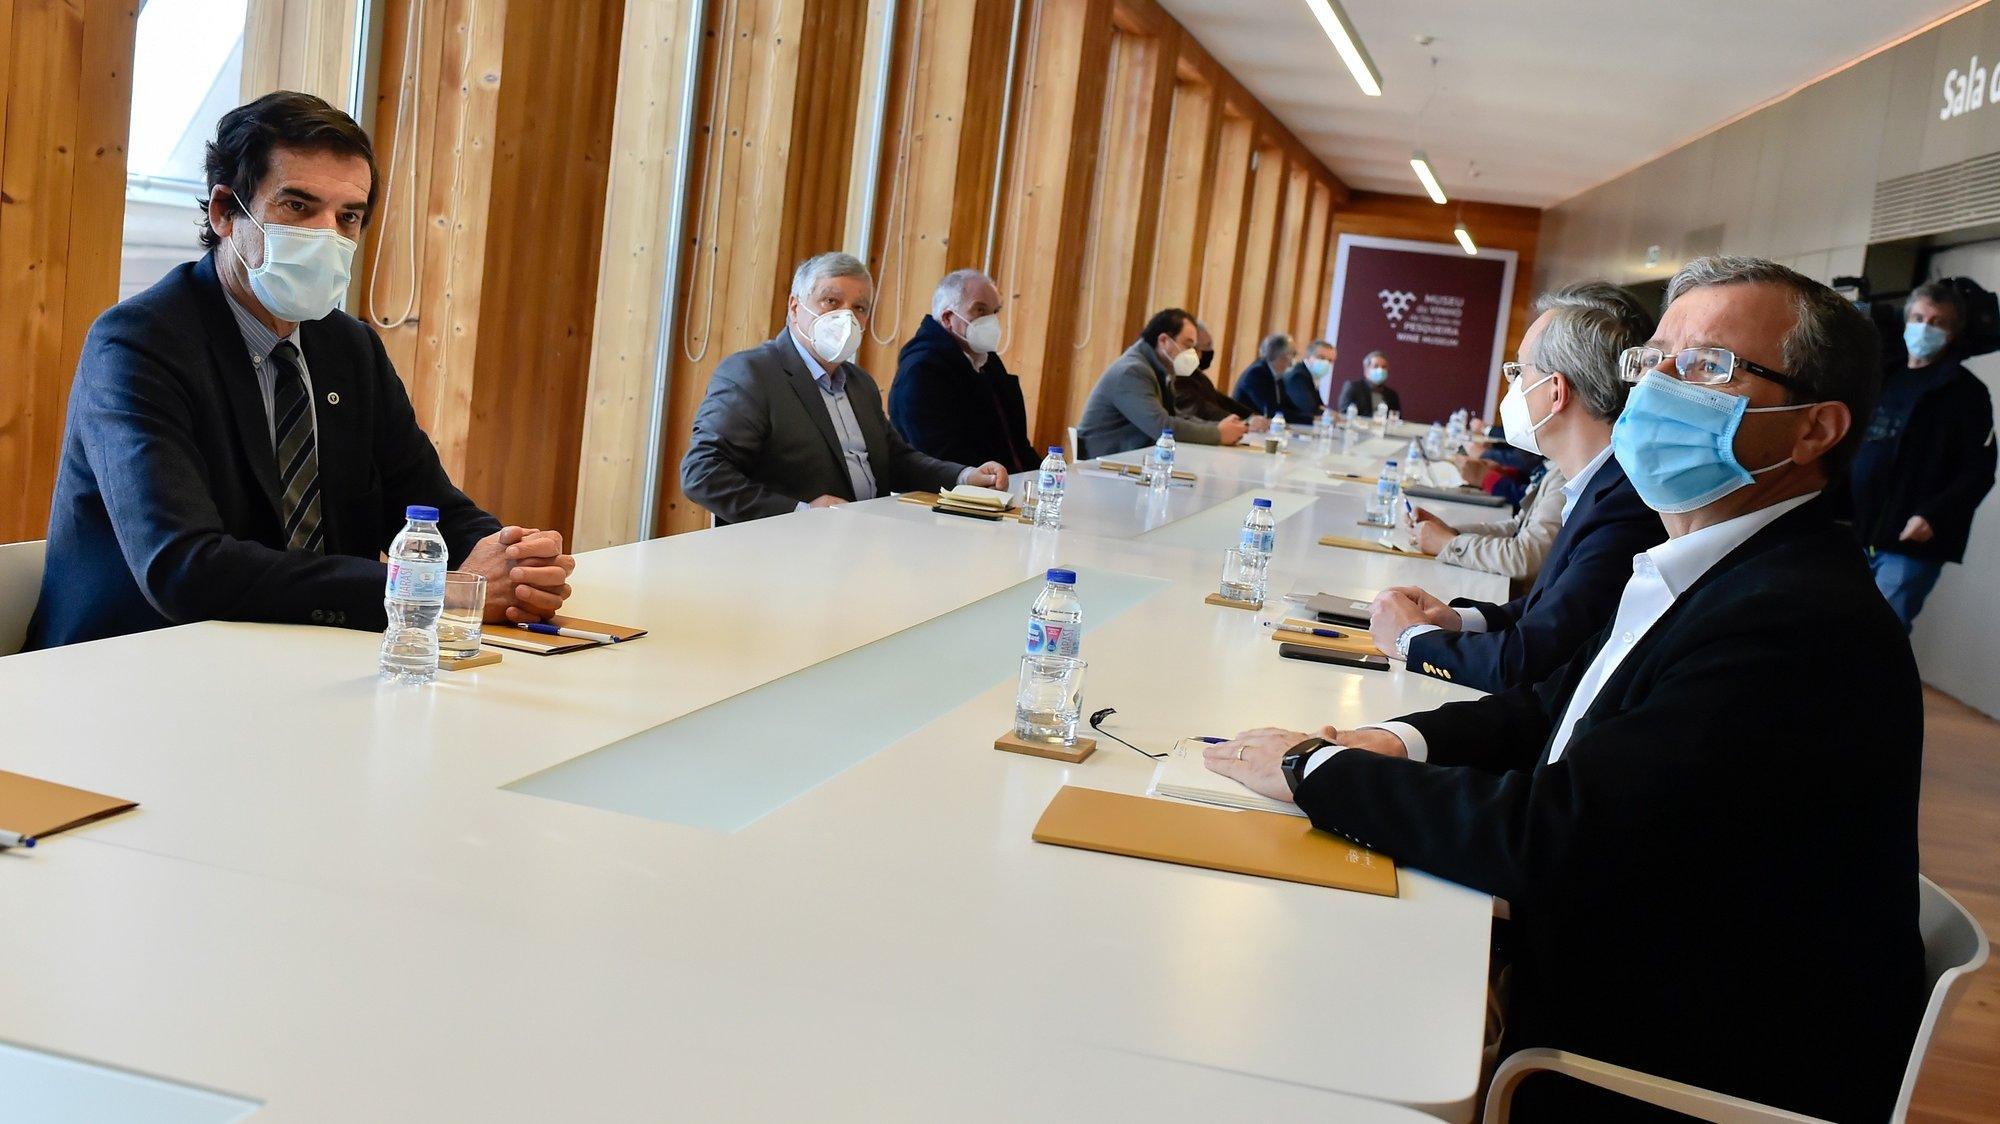 O autarca do Porto Rui Moreira (E), esta manhã durante a reunião de autarcas eleitos por movimentos independentes para discutir as alterações à lei autárquica, em São João da Pesqueira, 27 de Fevereiro de 2021. NUNO ANDRÉ FERREIRA/LUSA